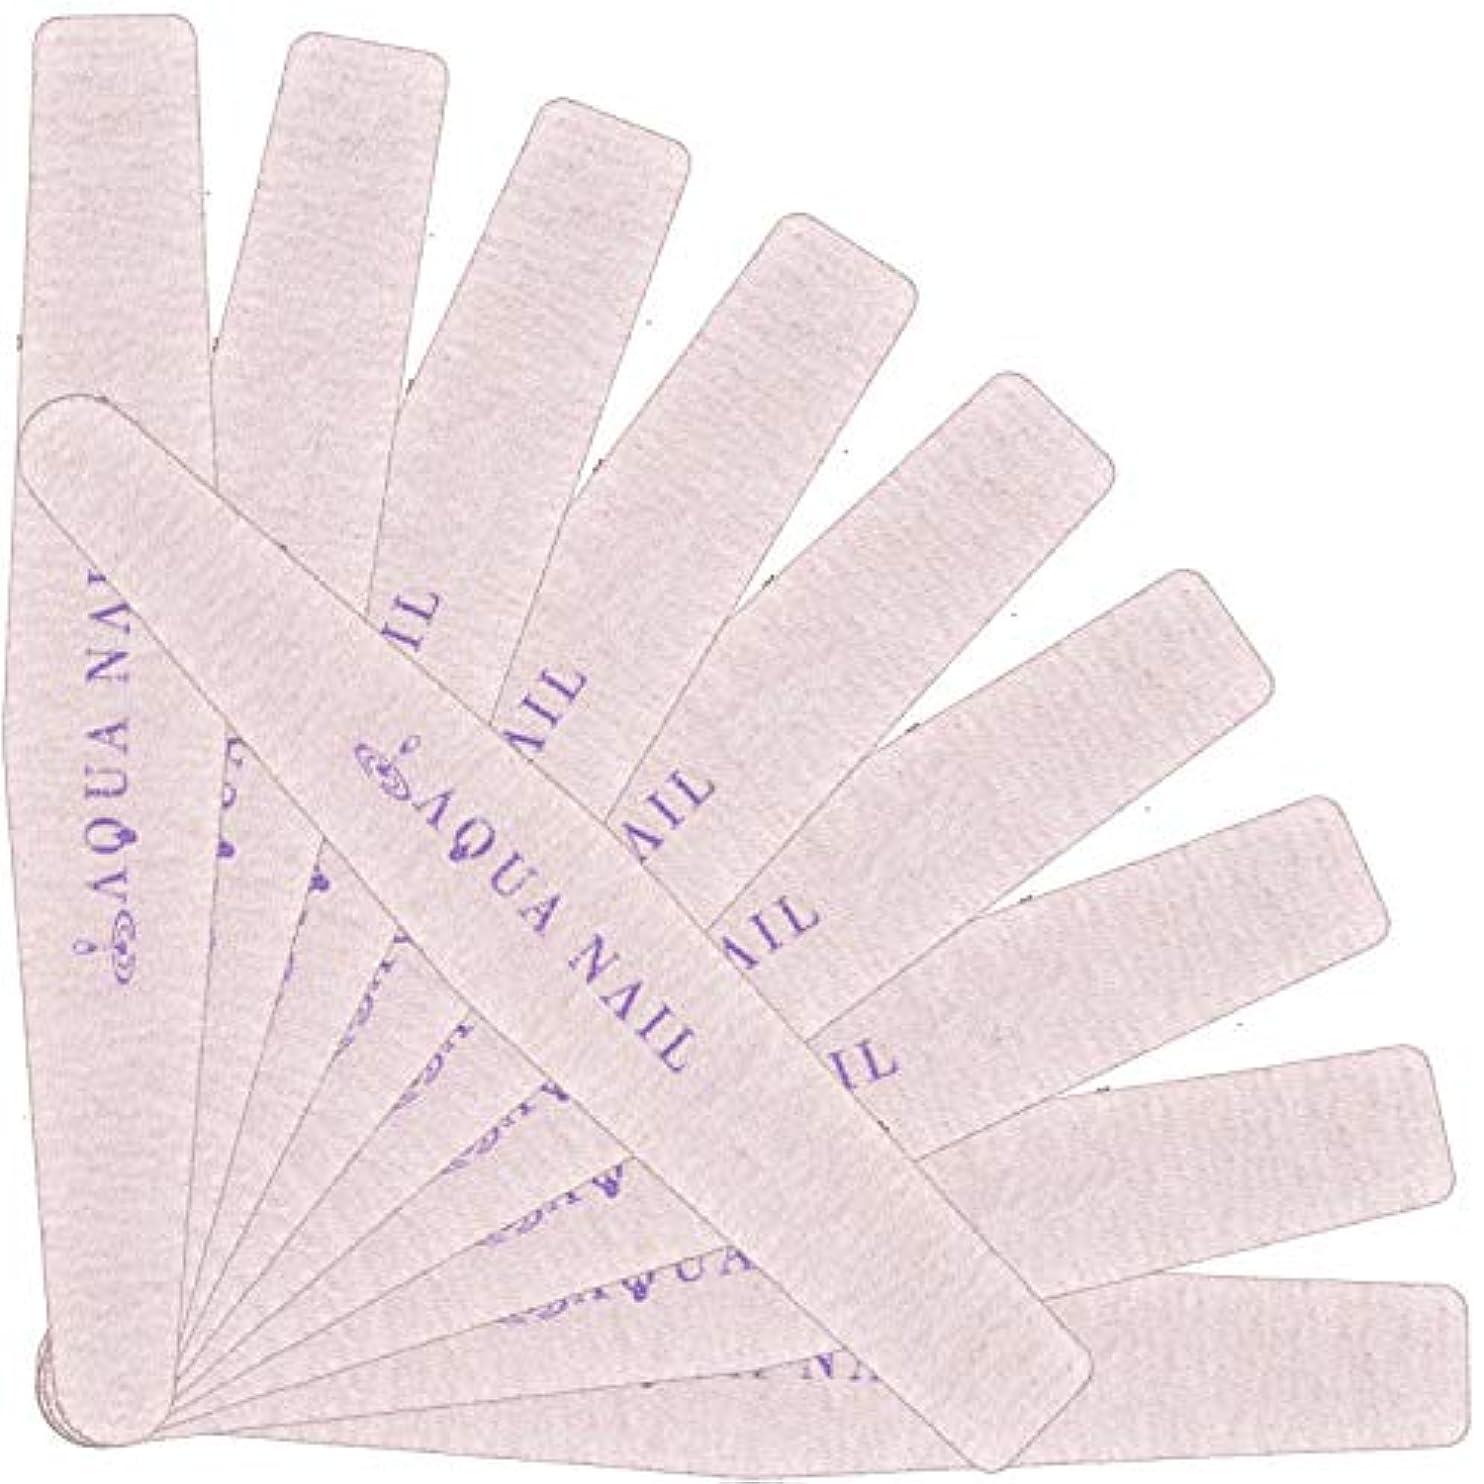 ヒロイン干し草バンクネイルファイル エメリーボード <ダイヤモンド型>10本セット(180/180)G